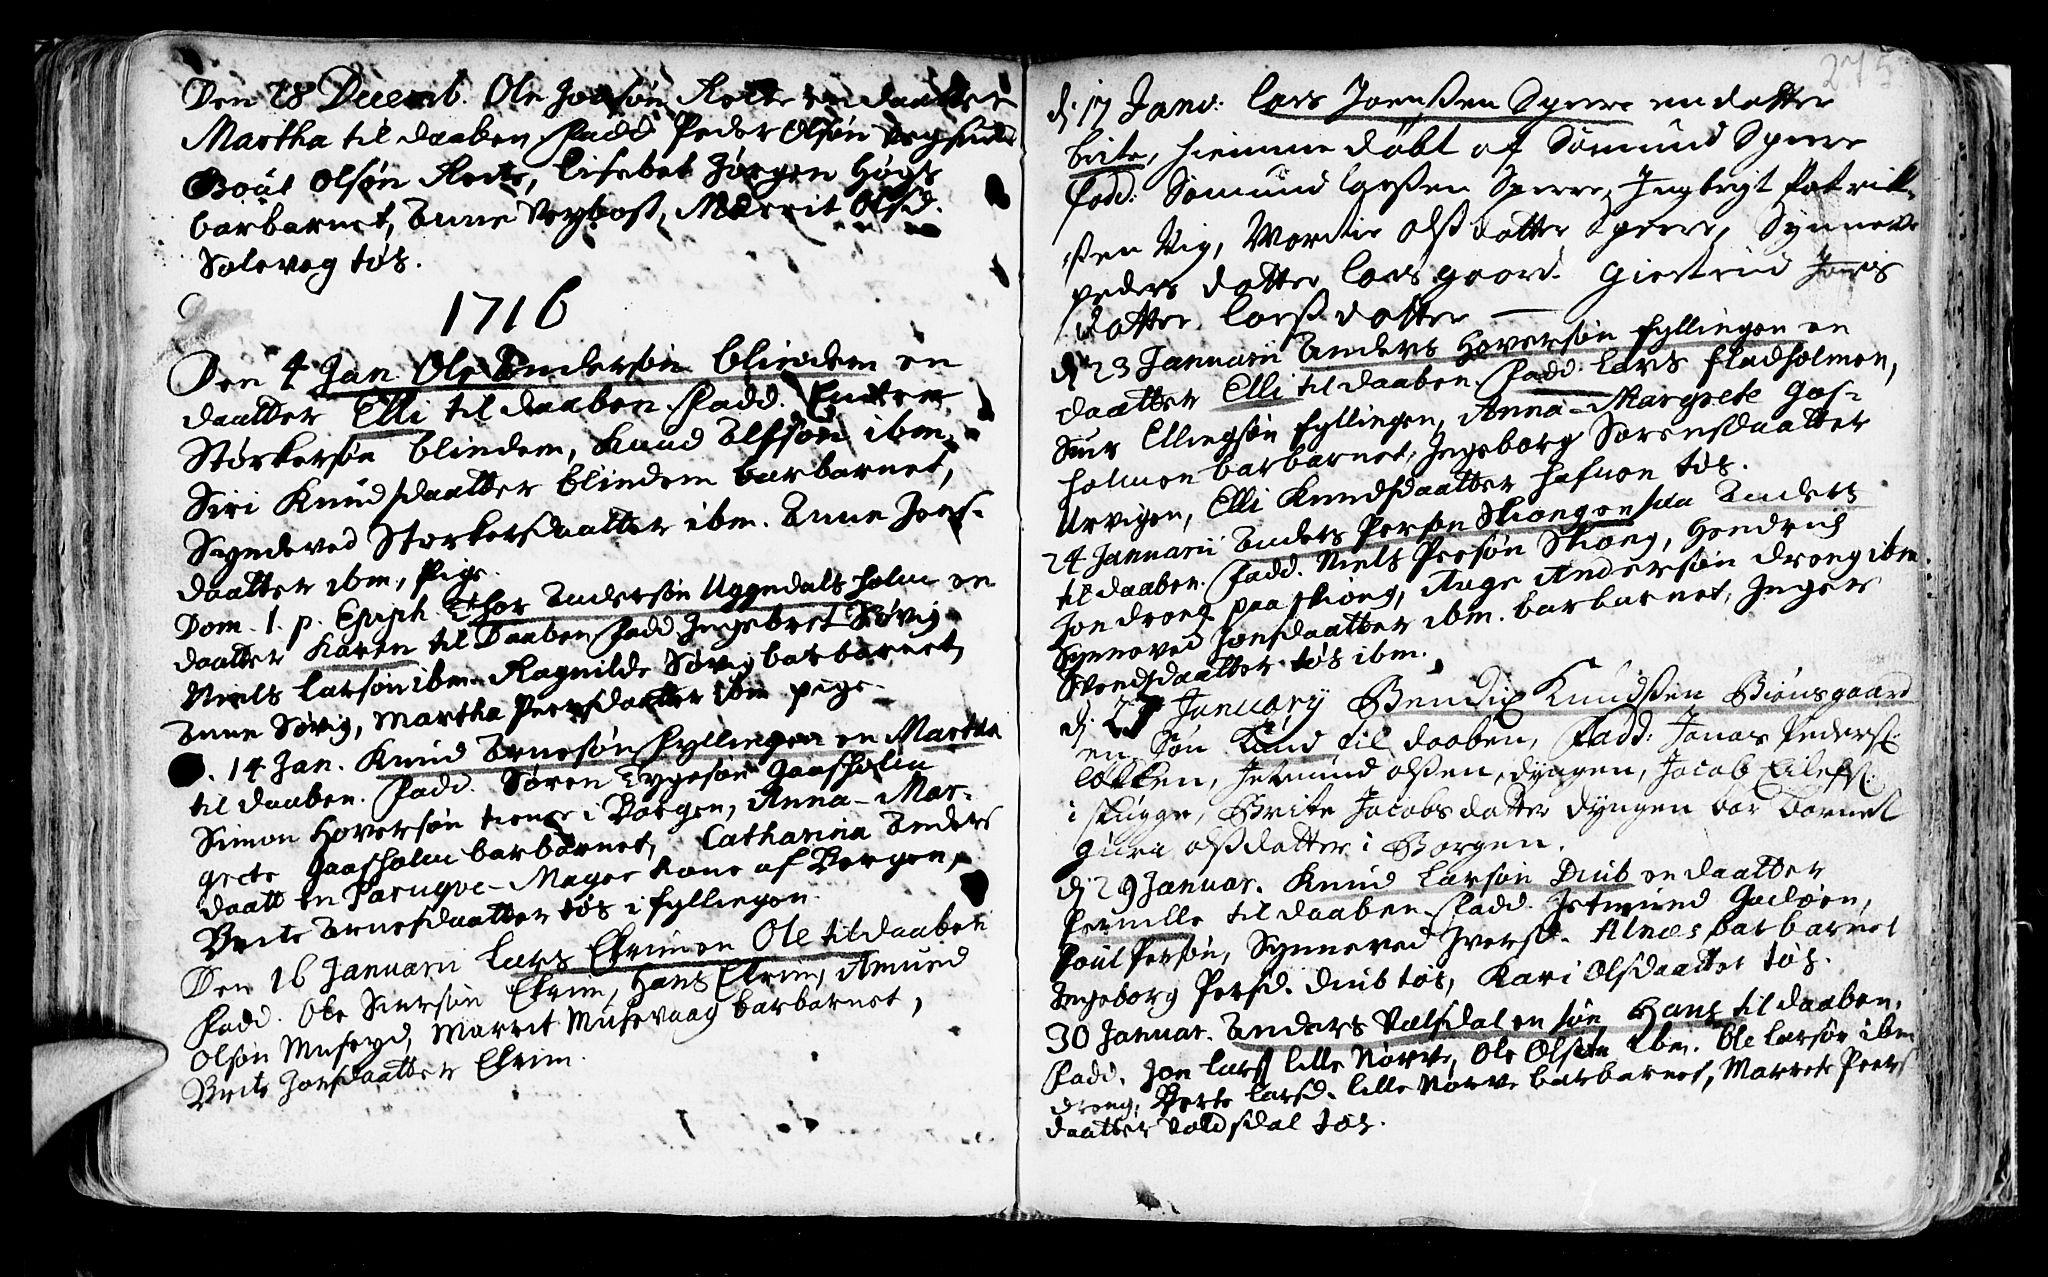 SAT, Ministerialprotokoller, klokkerbøker og fødselsregistre - Møre og Romsdal, 528/L0390: Ministerialbok nr. 528A01, 1698-1739, s. 274-275